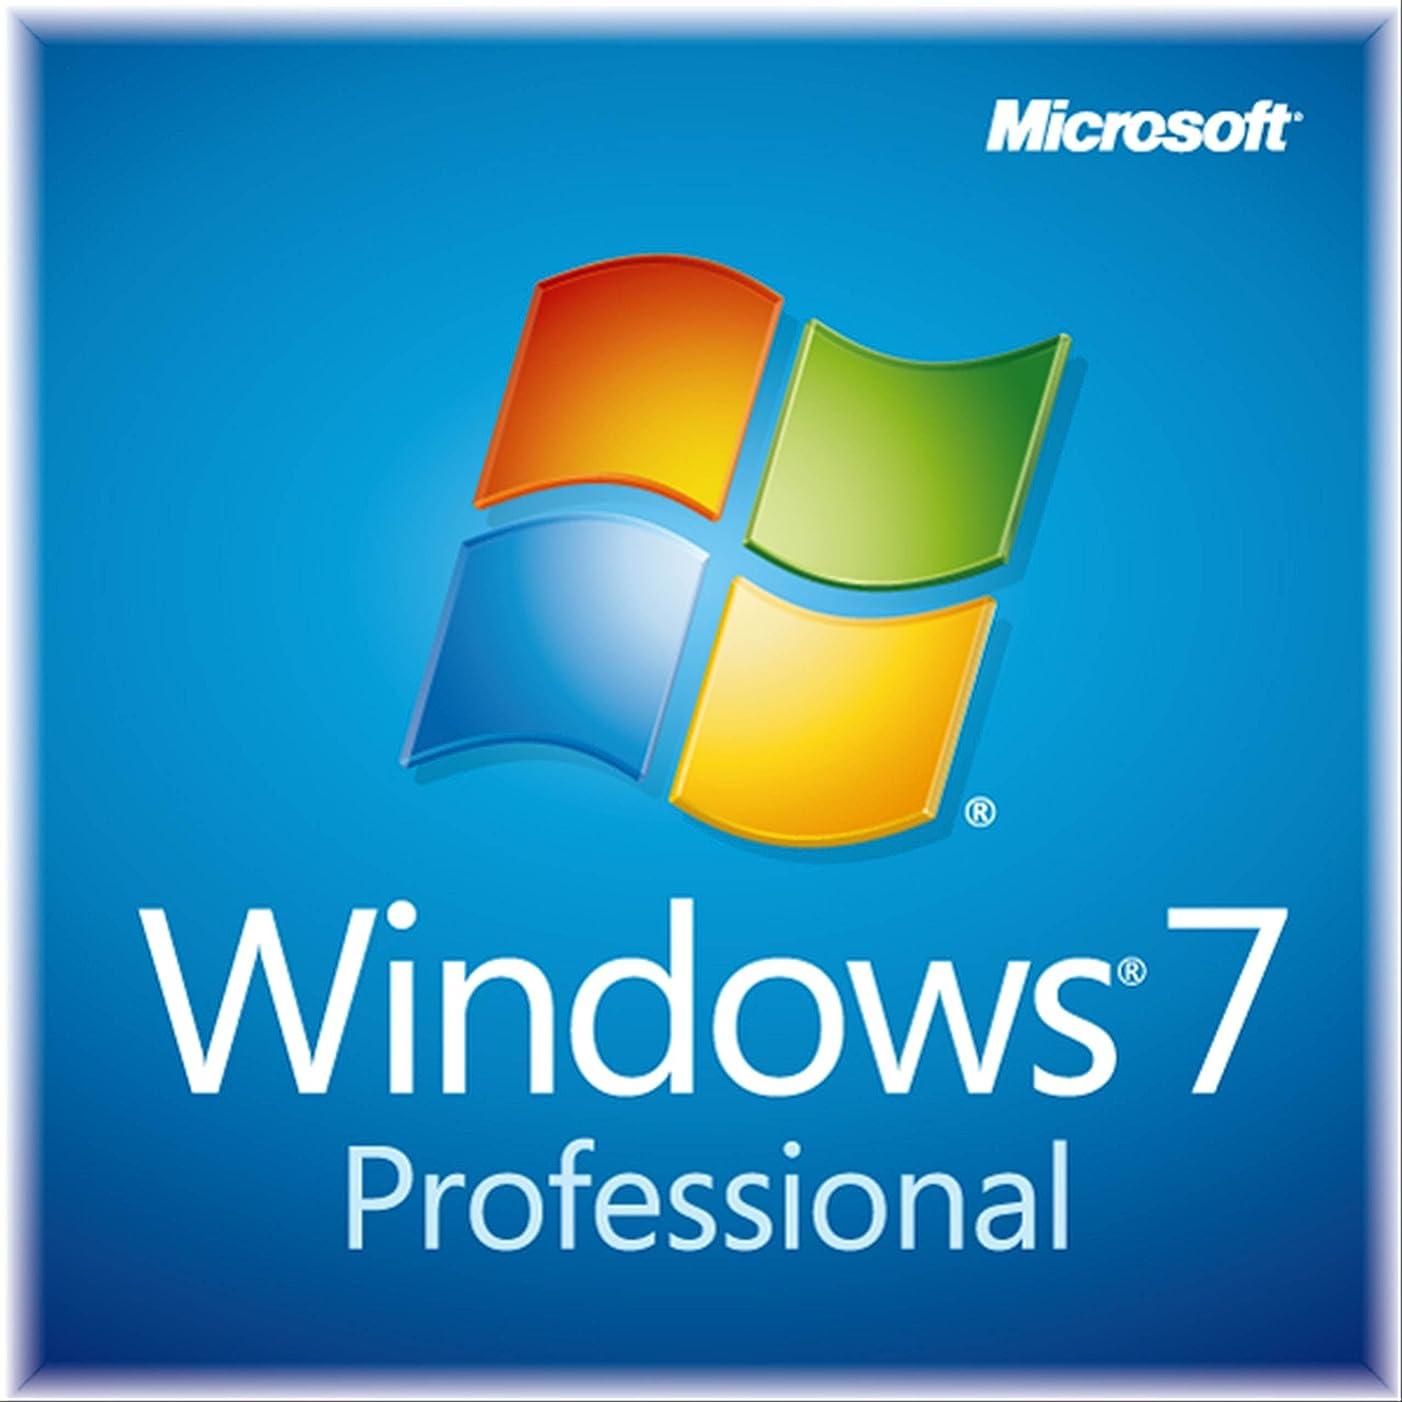 議論する一人で同様に【旧商品】Microsoft Windows7 Professional 32bit  Service Pack 1 日本語 DSP版 DVD 【LANボードセット品】